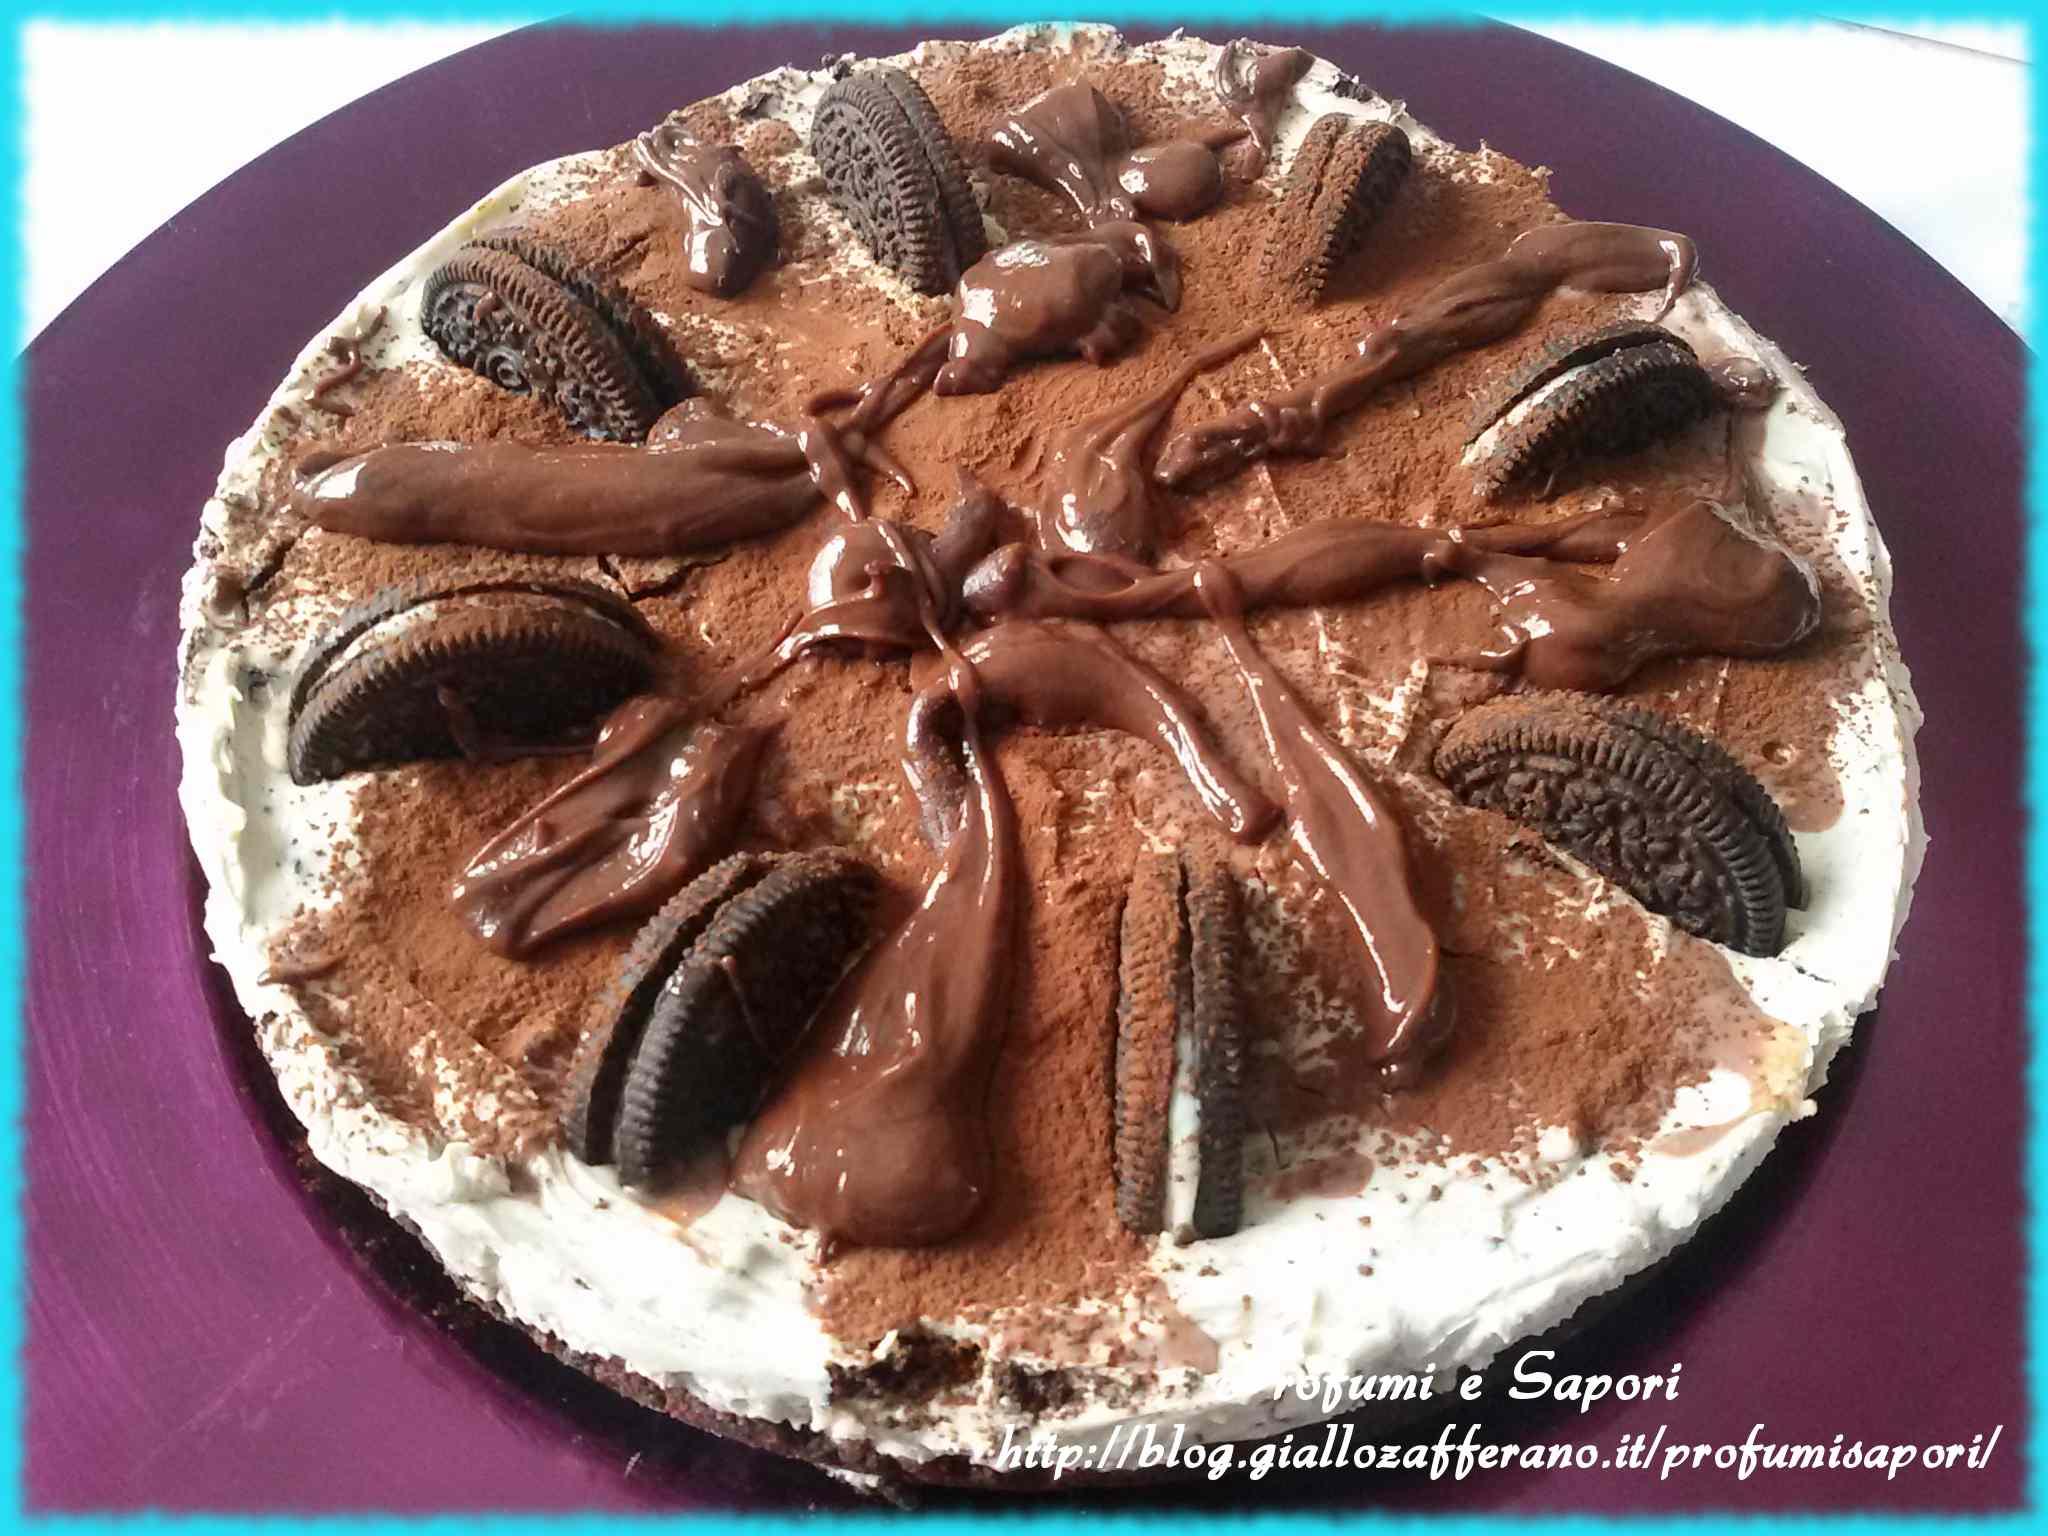 Ricetta: Cheesecake agli oreo e nutella